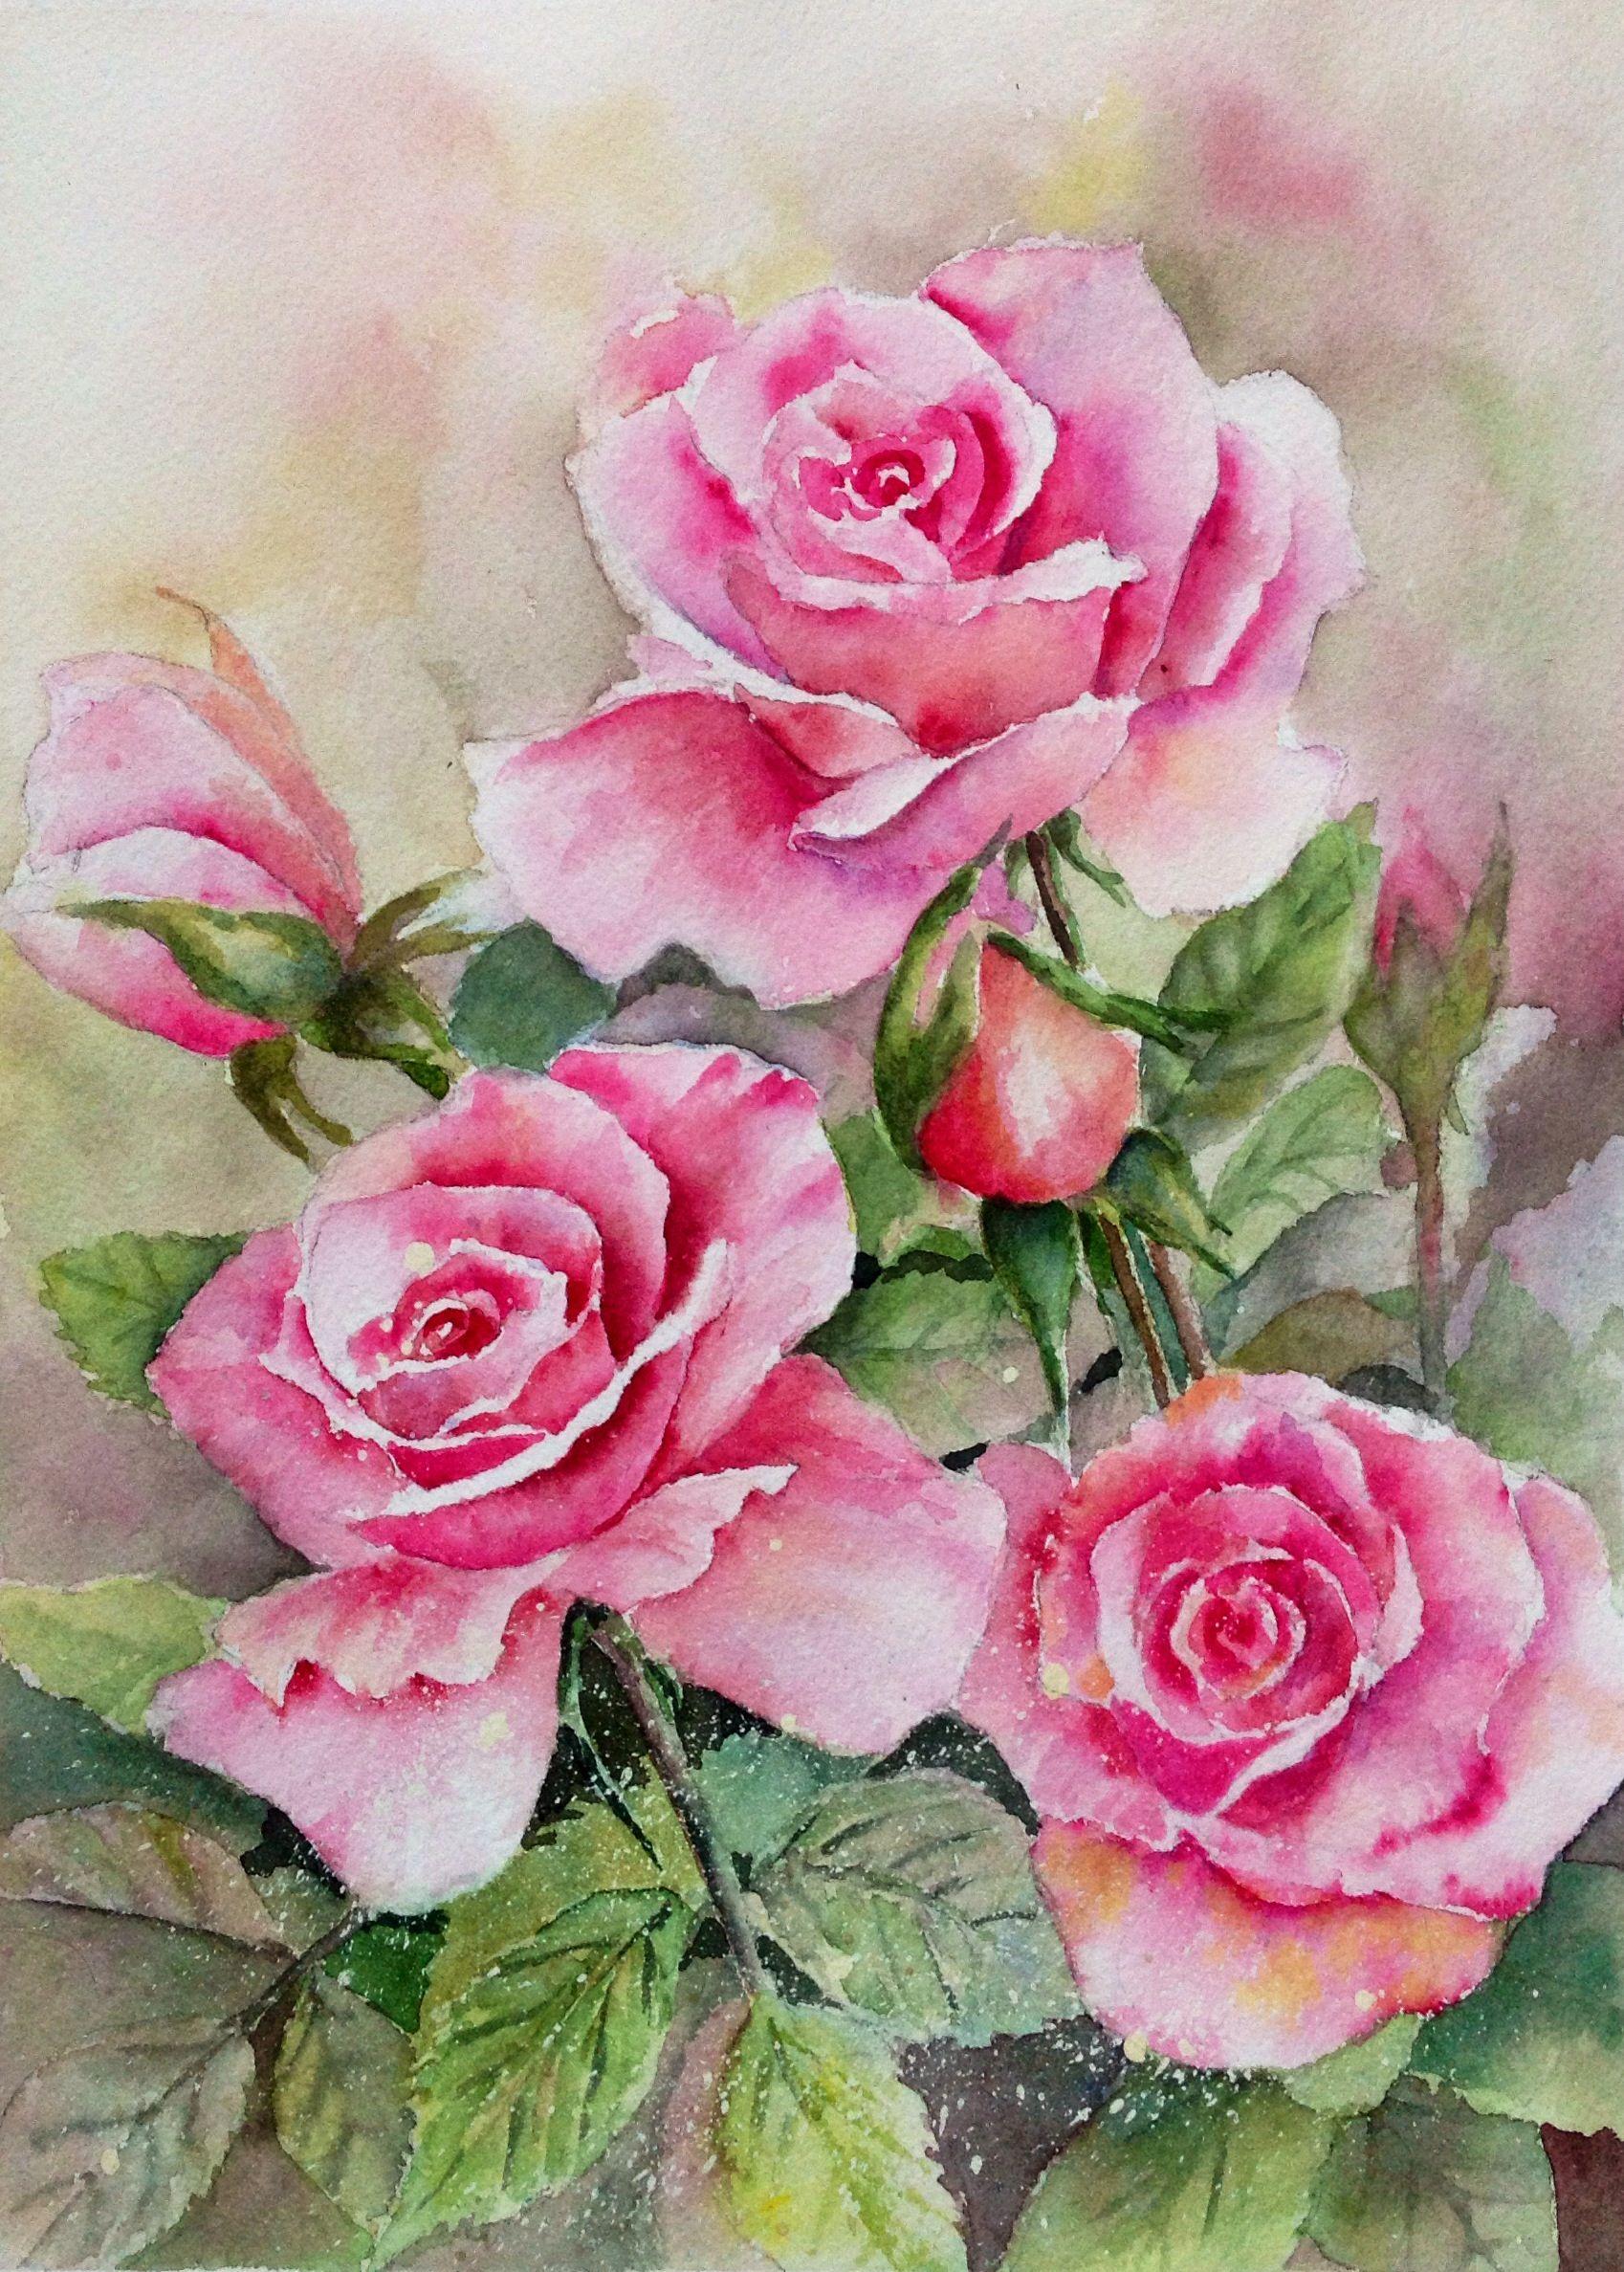 Rosas rosas--- Original watercolor by Mahjabin GG